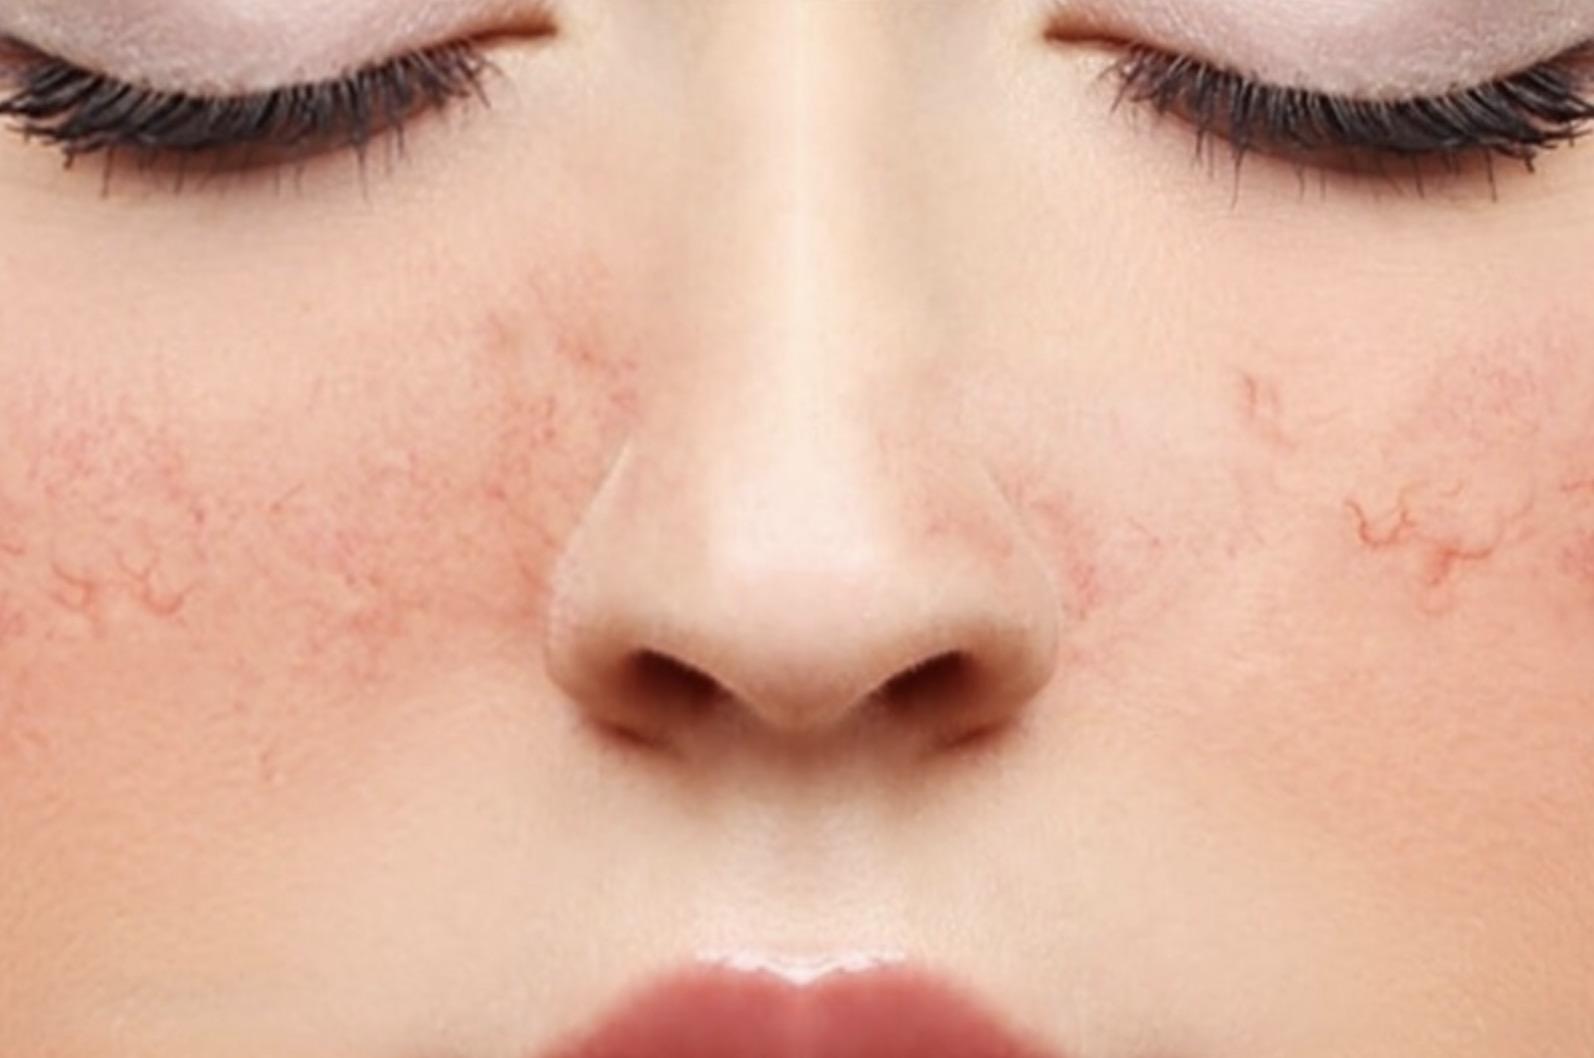 Легче предотвратить: 5 способов не допустить сосудистых звездочек на лице